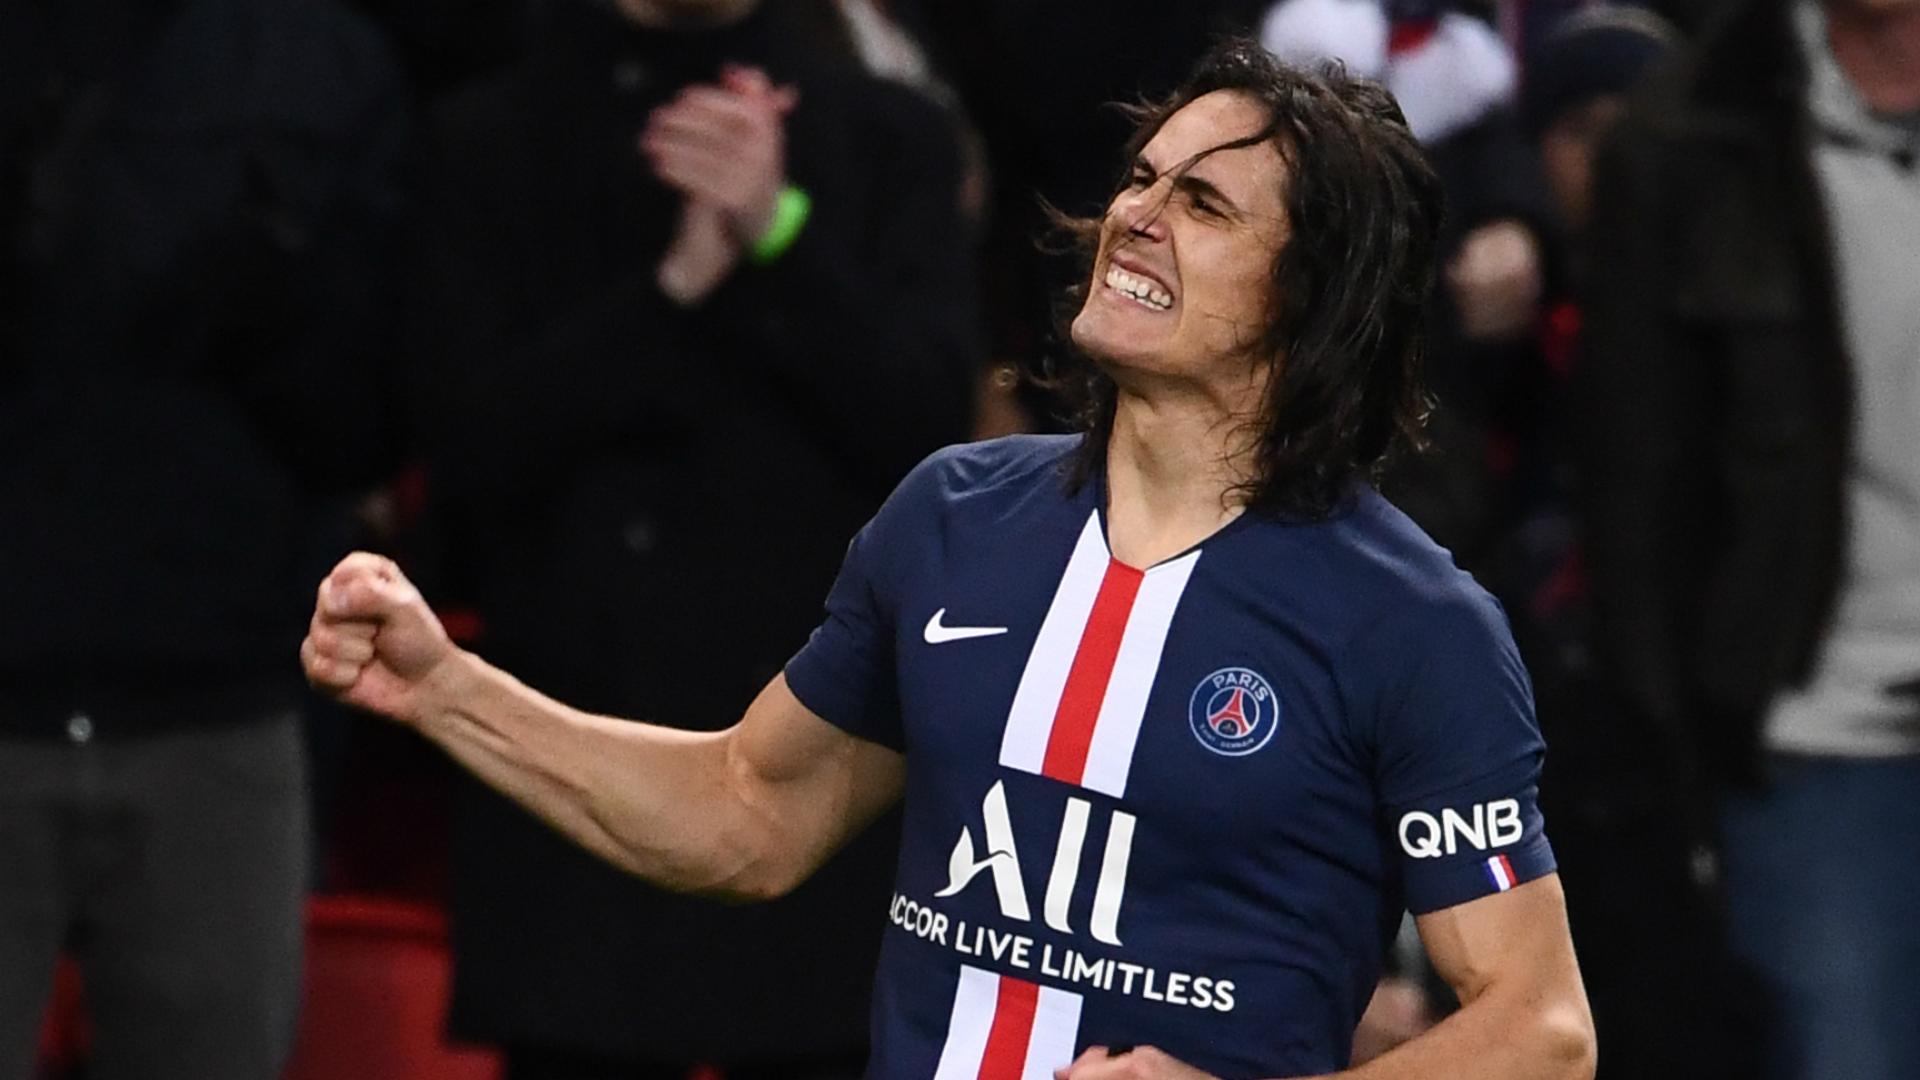 Paris Saint-Germain 4-2 Lyon: Cavani on target as Tuchel's men hold off fightback